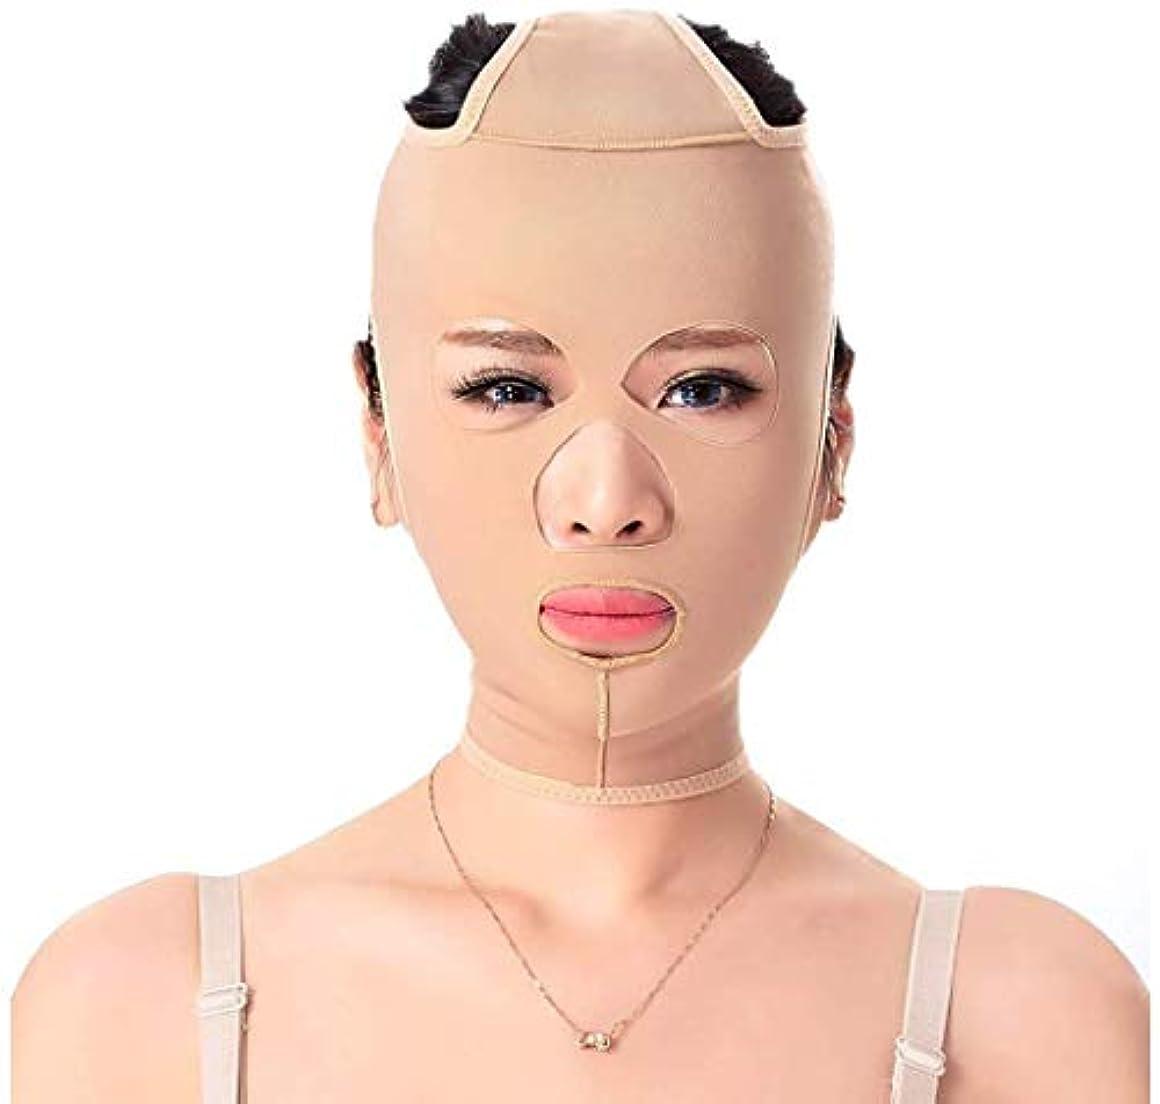 言語学キャップ帽子スリミングVフェイスマスク、スリミングベルト、フェイシャルマスク薄いフェイスマスクから布パターンを持ち上げるダブルチンファーミングフェイシャルプラスチックフェイスアーティファクト強力なフェイスバンデージ(サイズ:M)